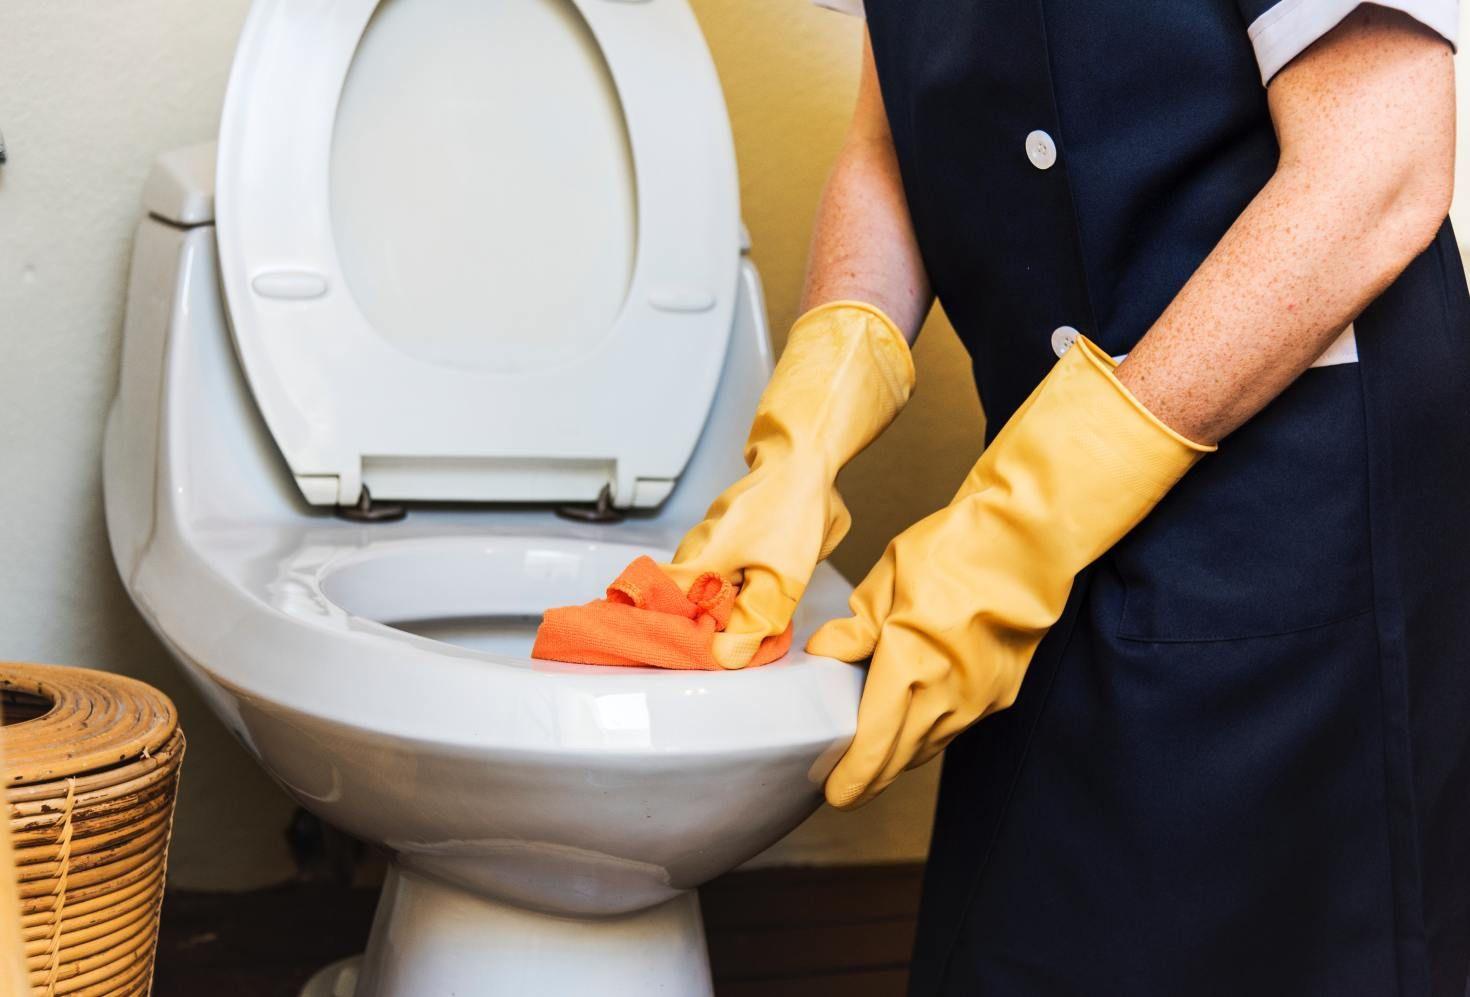 Bathroom Cleaning Hacks Mrs Hinch Bathroom Cleaning Hacks House Cleaning Services Clean House